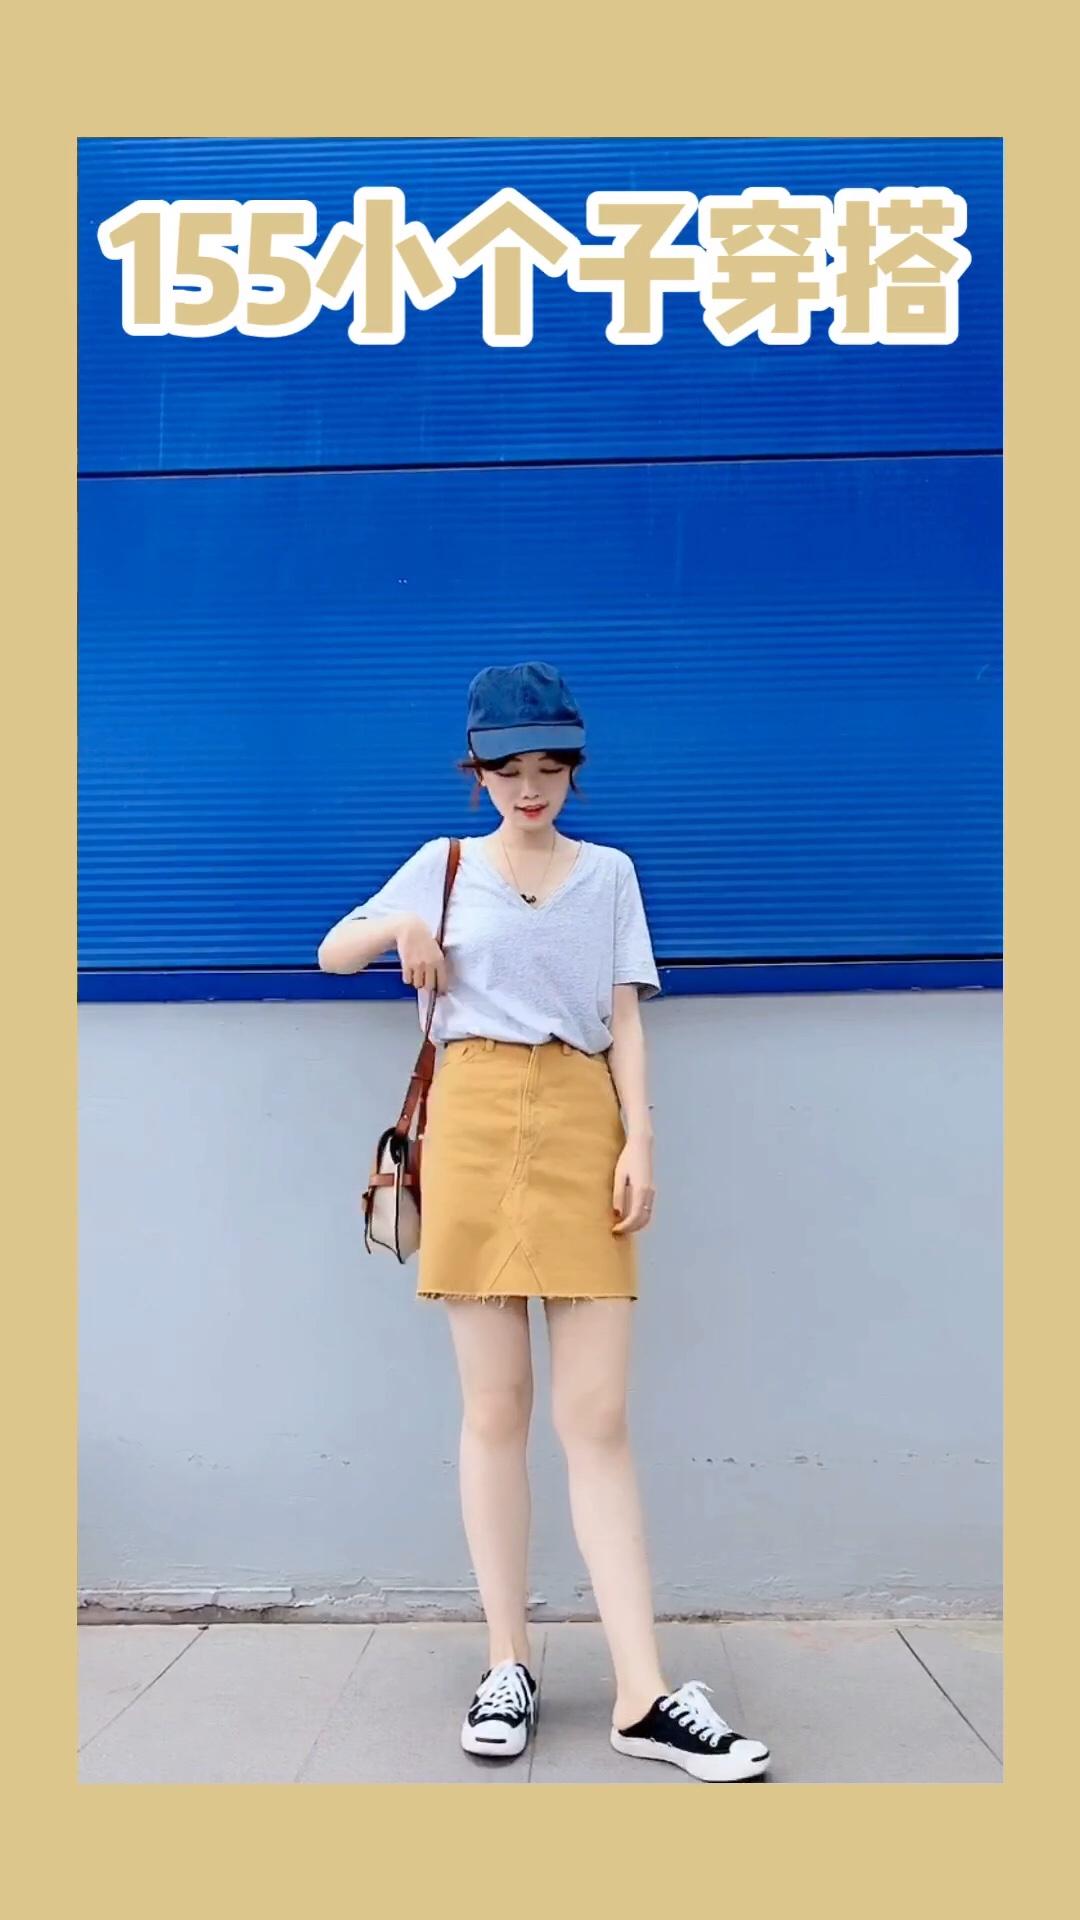 #不用修腿的短裙,我找到了!# 155小个子LOOK 姜黄色的包臀半身裙+简约tee v领显瘦显脸小哦 搭配高腰的下装 拉伸比例的效果hin棒哦